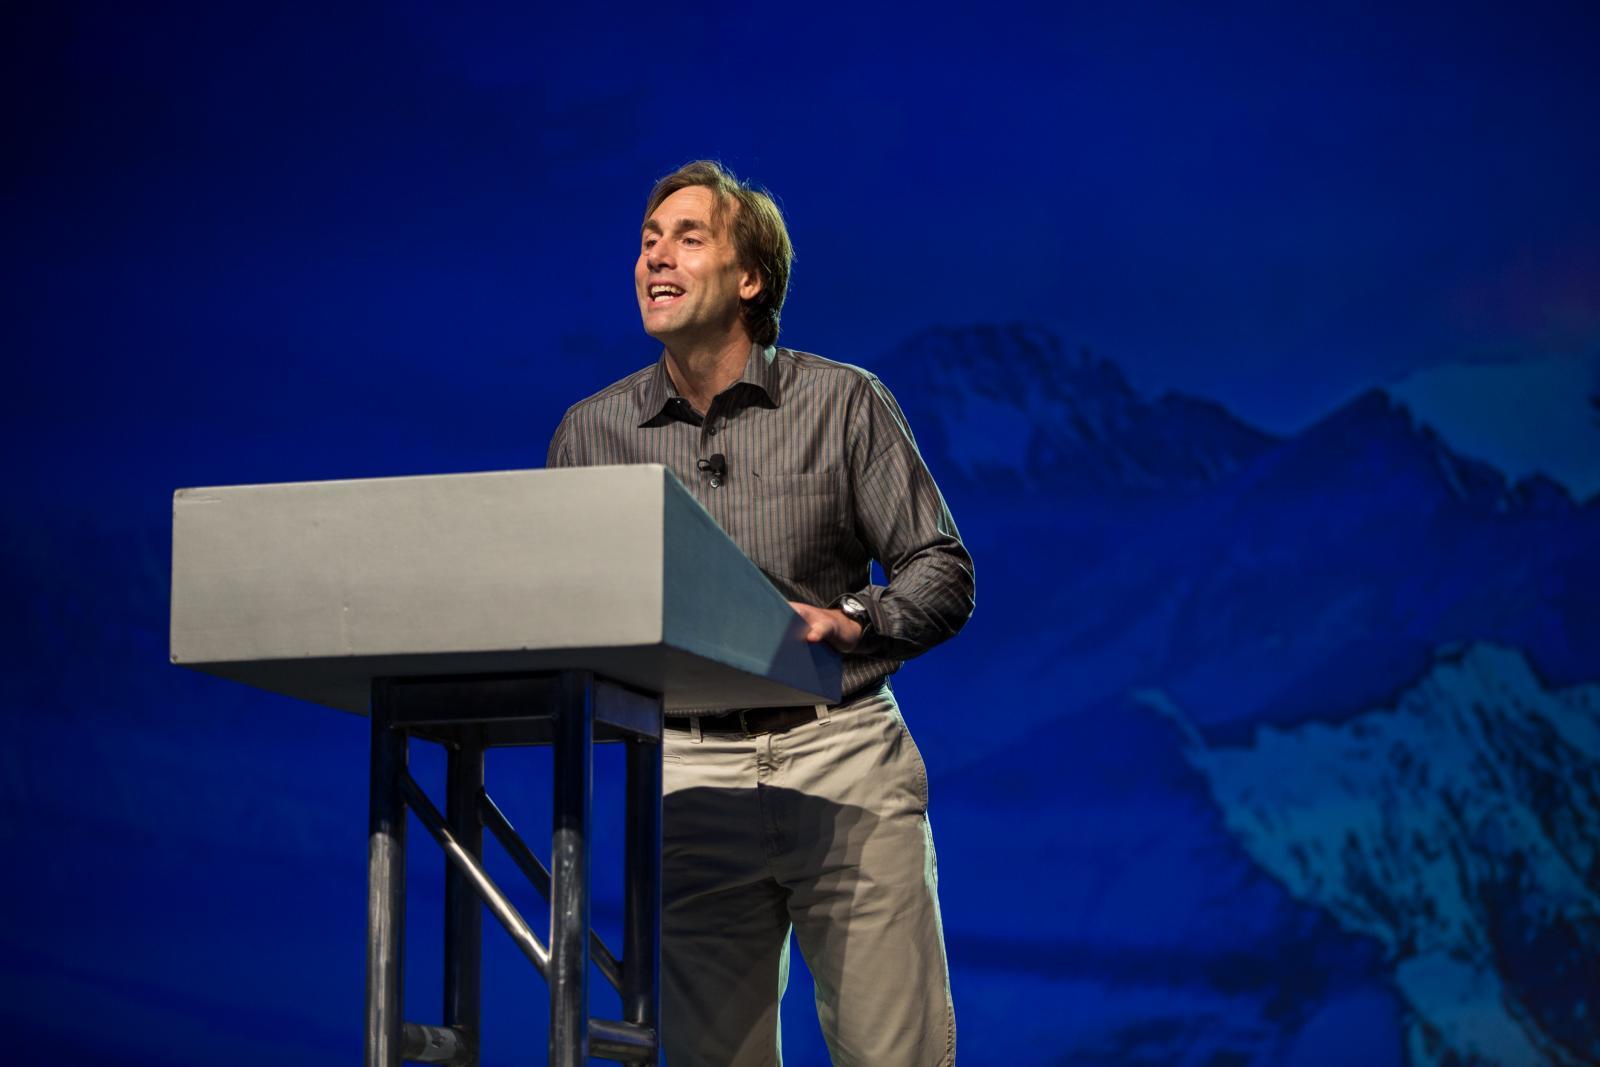 Erik Weihenmayer speaking